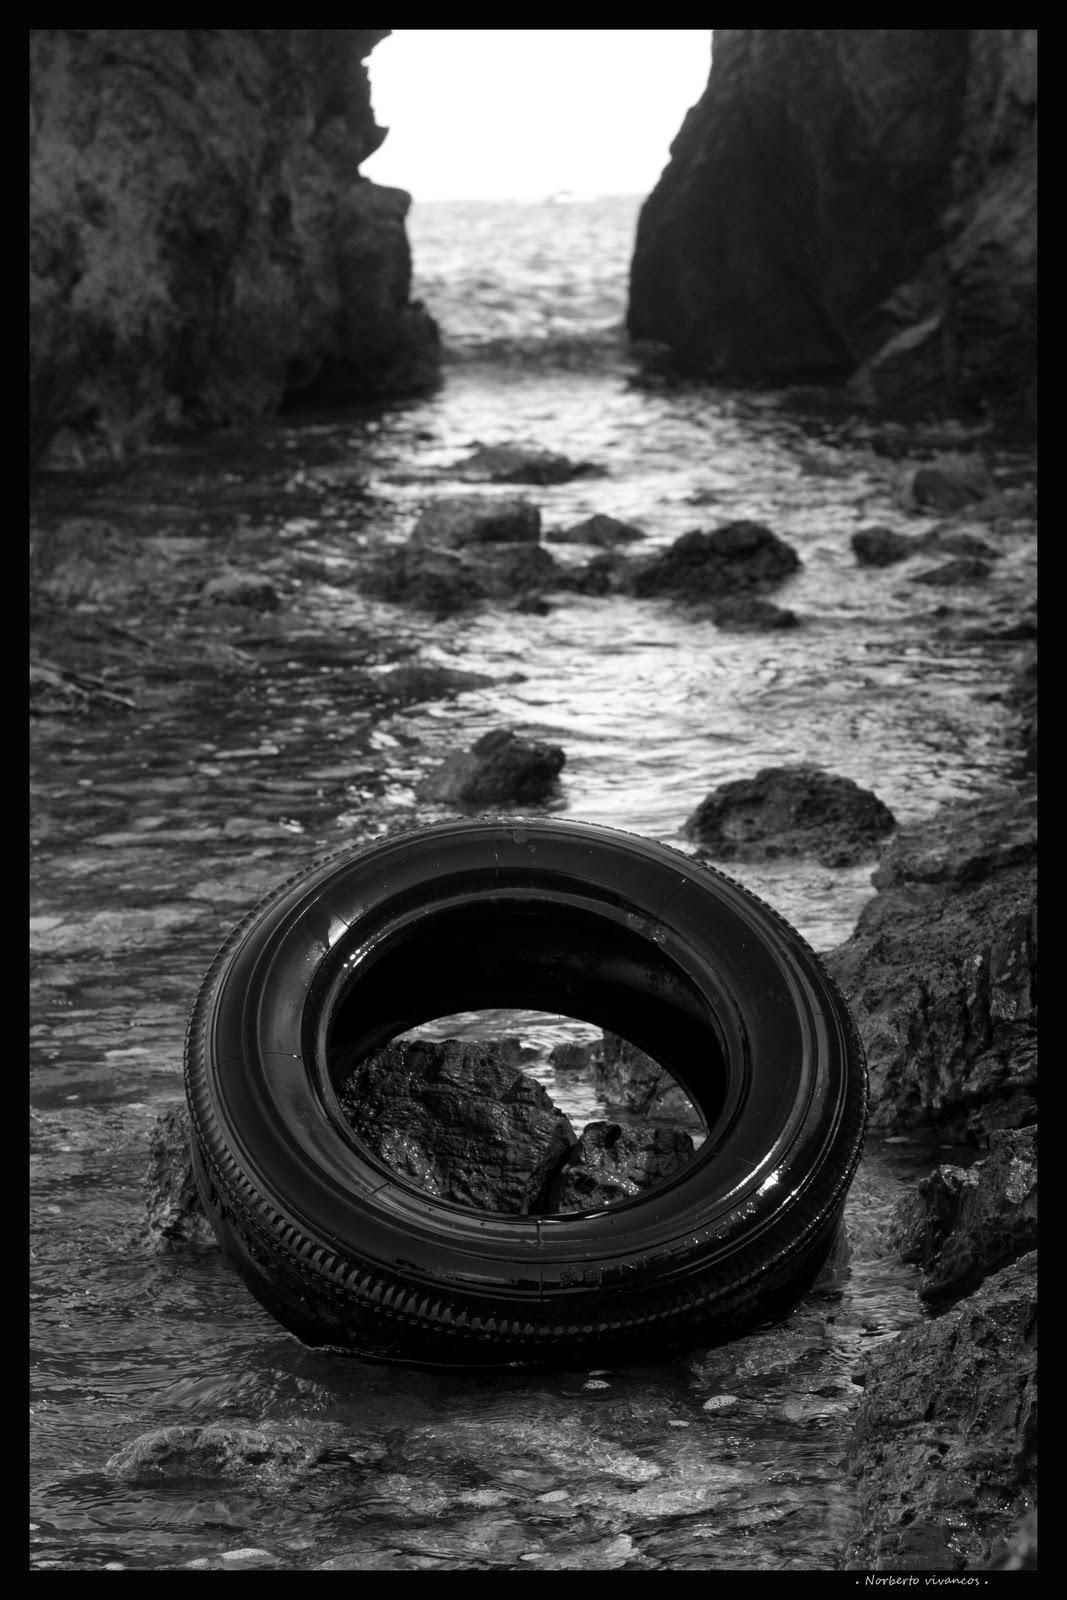 Norberto vivancos fotografia blanco y negro - Blanco y negro ...